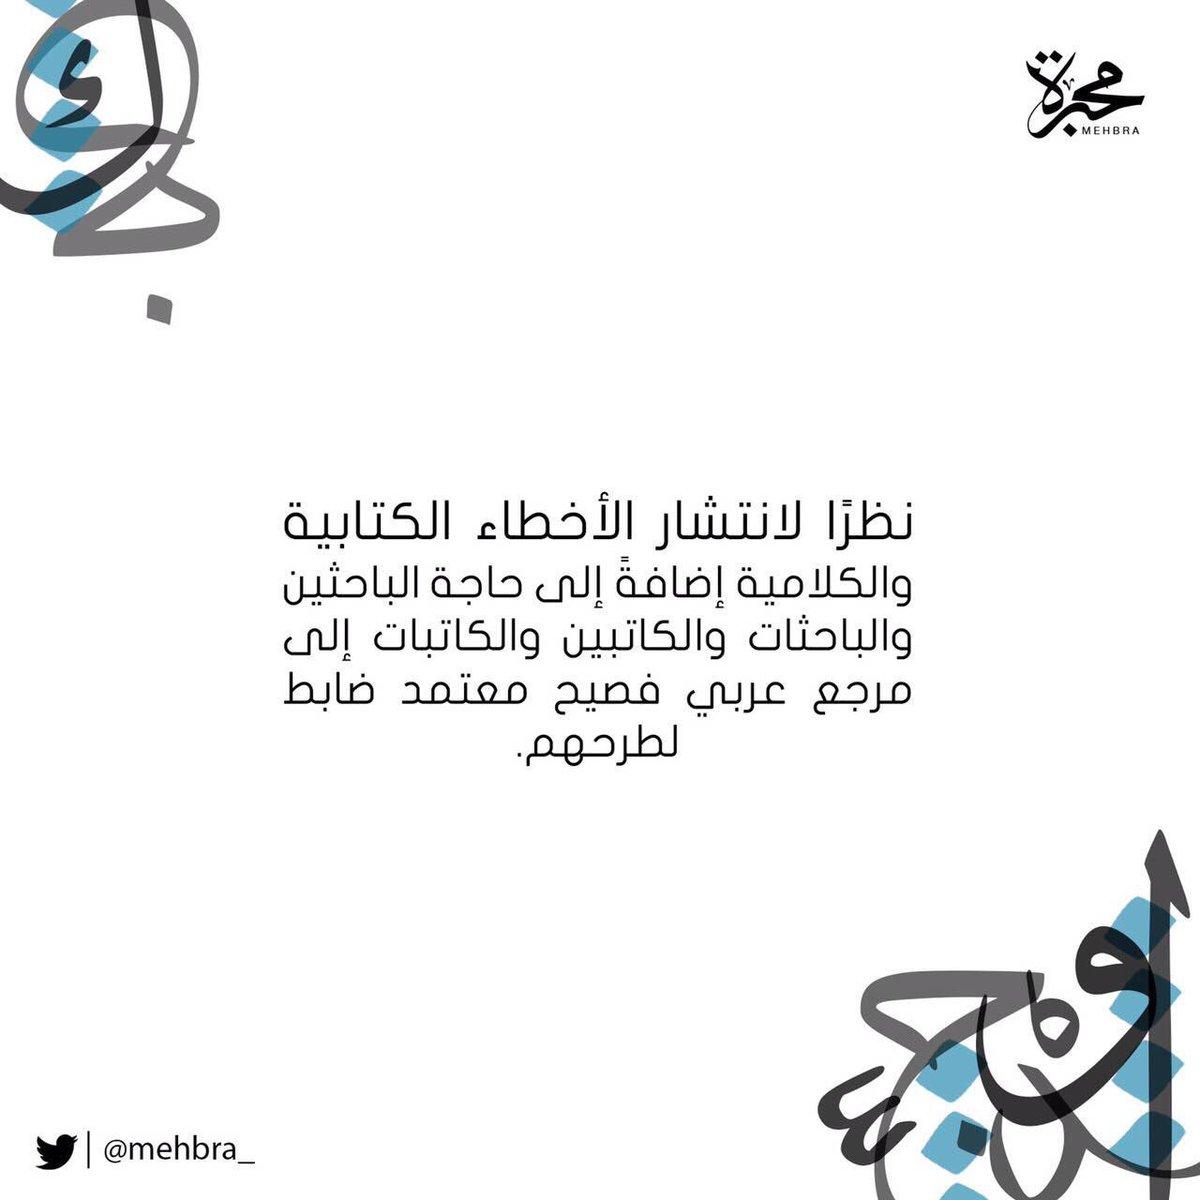 نقدم خدمات التدقيق اللغوي مجانا؛ لأن اللغة العربية تستحق!